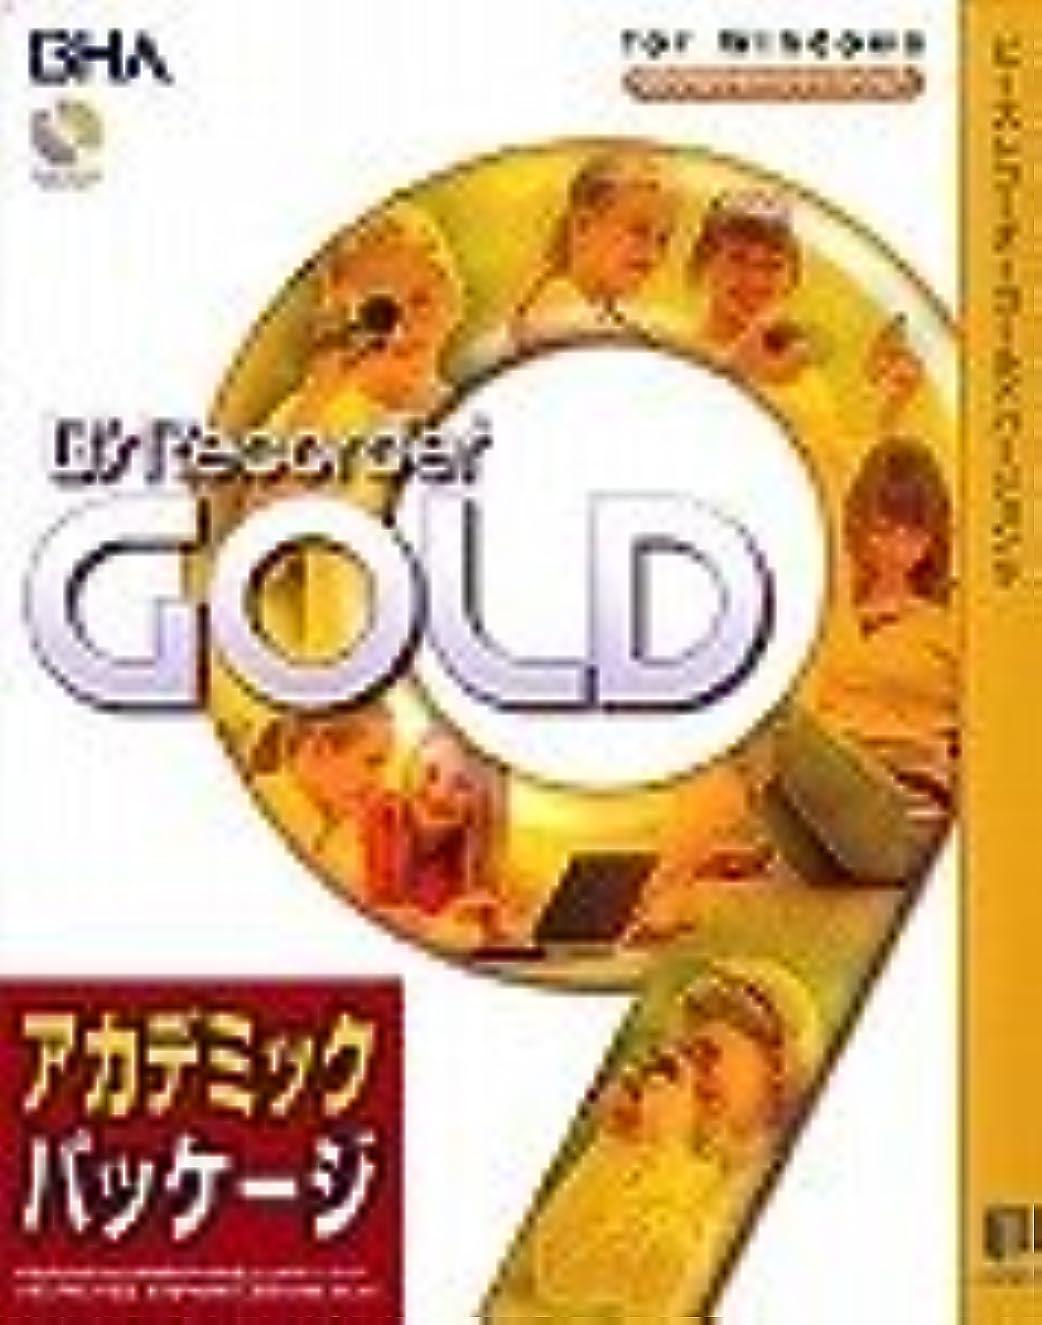 必要性縮約議会B's Recorder GOLD 9 アカデミック